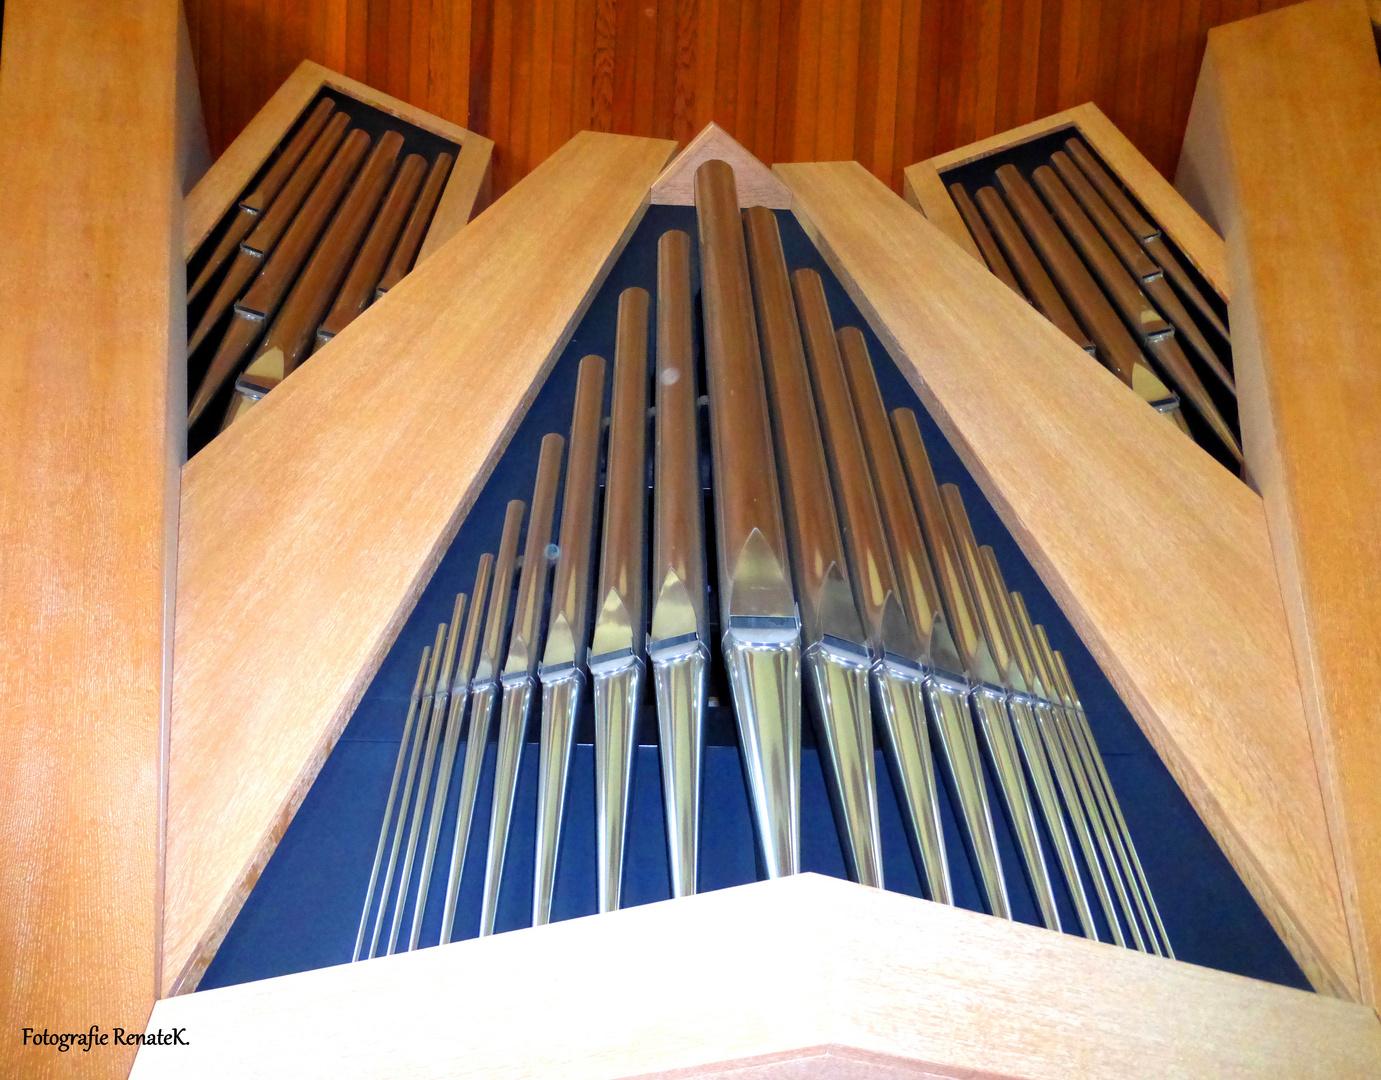 Teil des Prospektes der Orgel von Berlin-Hohenschönhausen